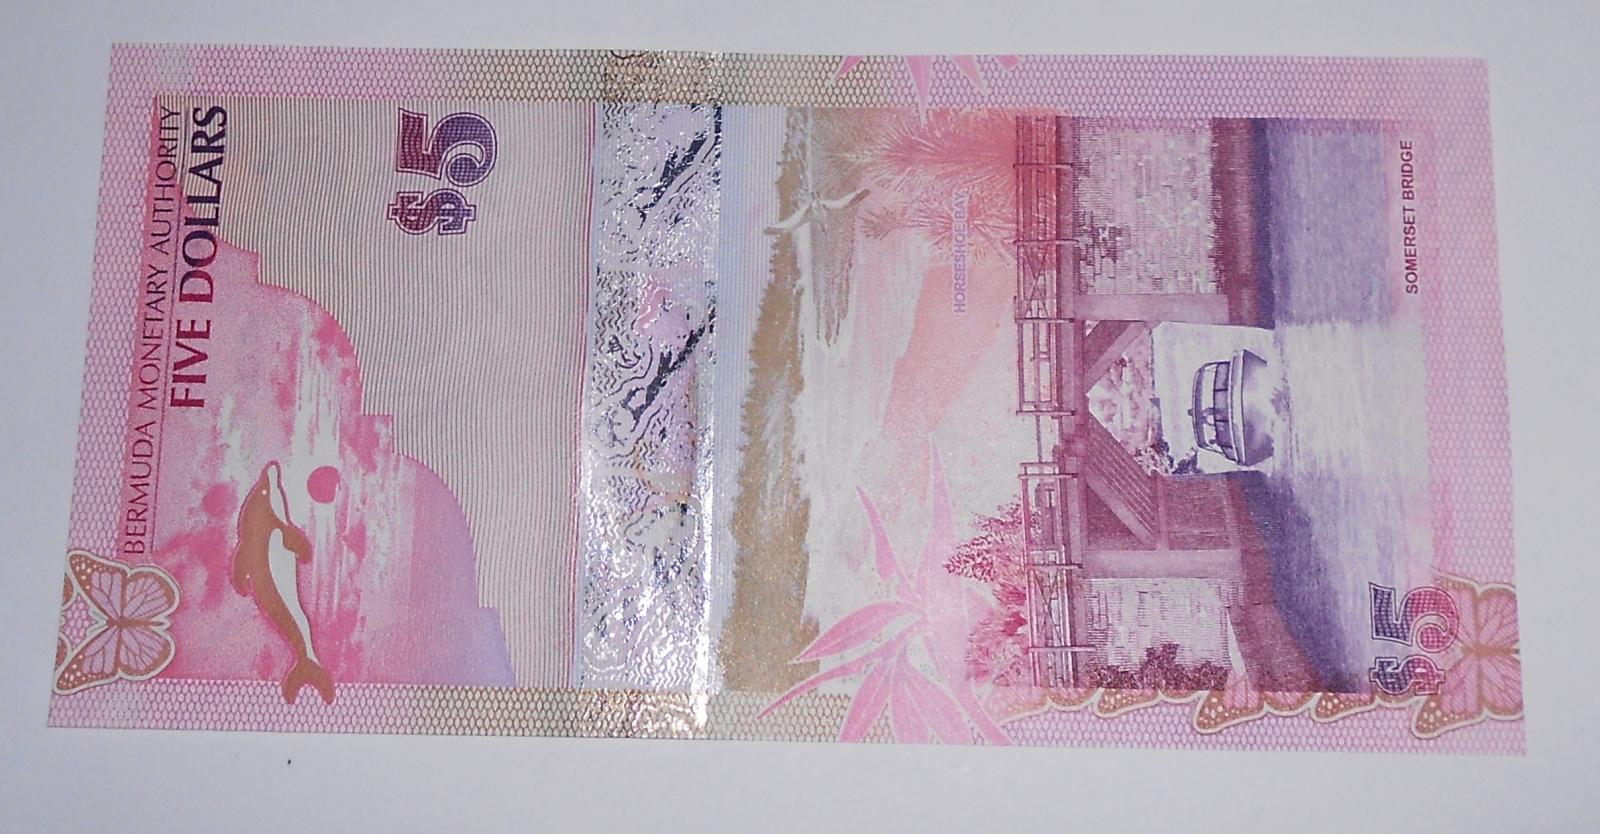 Bermudy 5 Dollar 2009